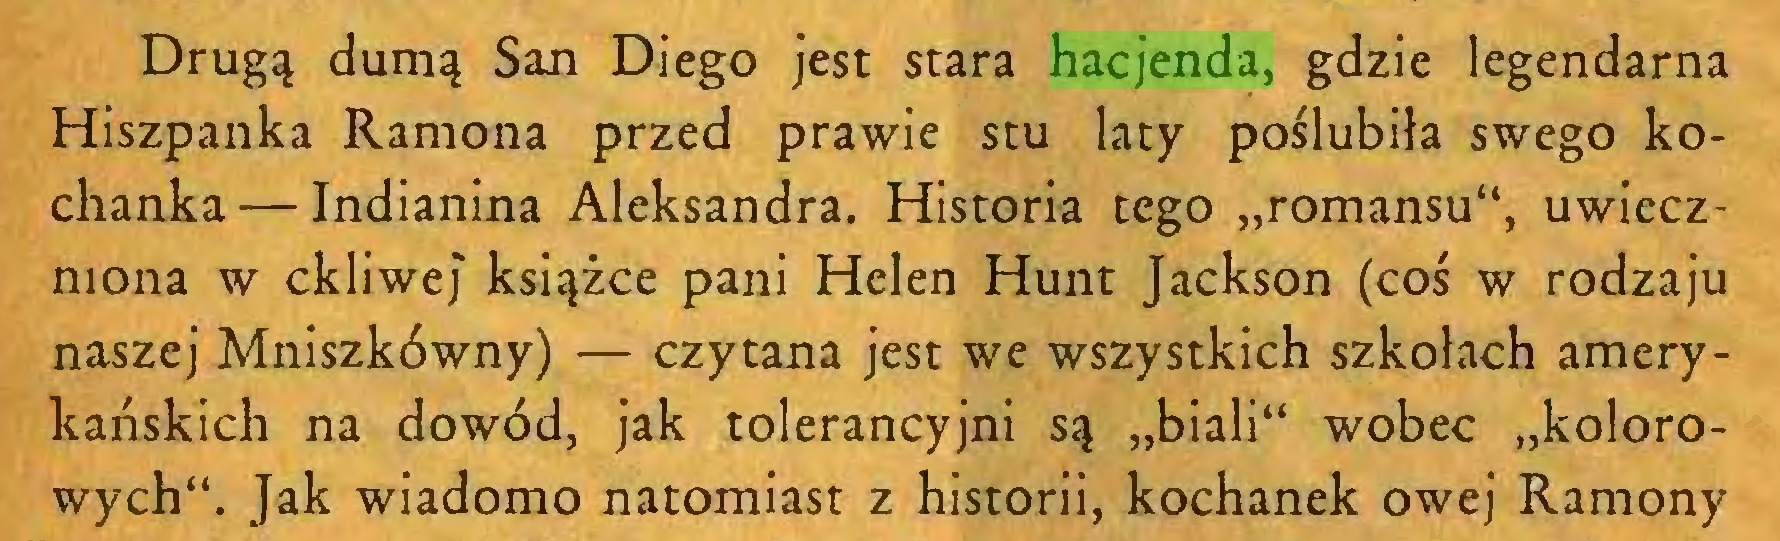 """(...) Drugą dumą San Diego jest stara hacjenda, gdzie legendarna Hiszpanka Ramona przed prawie stu laty poślubiła swego kochanka— Indianina Aleksandra. Historia tego """"romansu"""", uwieczniona w ckliwej książce pani Helen Hunt Jackson (coś w rodzaju naszej Mniszkówny) — czytana jest we wszystkich szkołach amerykańskich na dowód, jak tolerancyjni są """"biali"""" wobec """"kolorowych"""". Jak wiadomo natomiast z historii, kochanek owej Ramony..."""